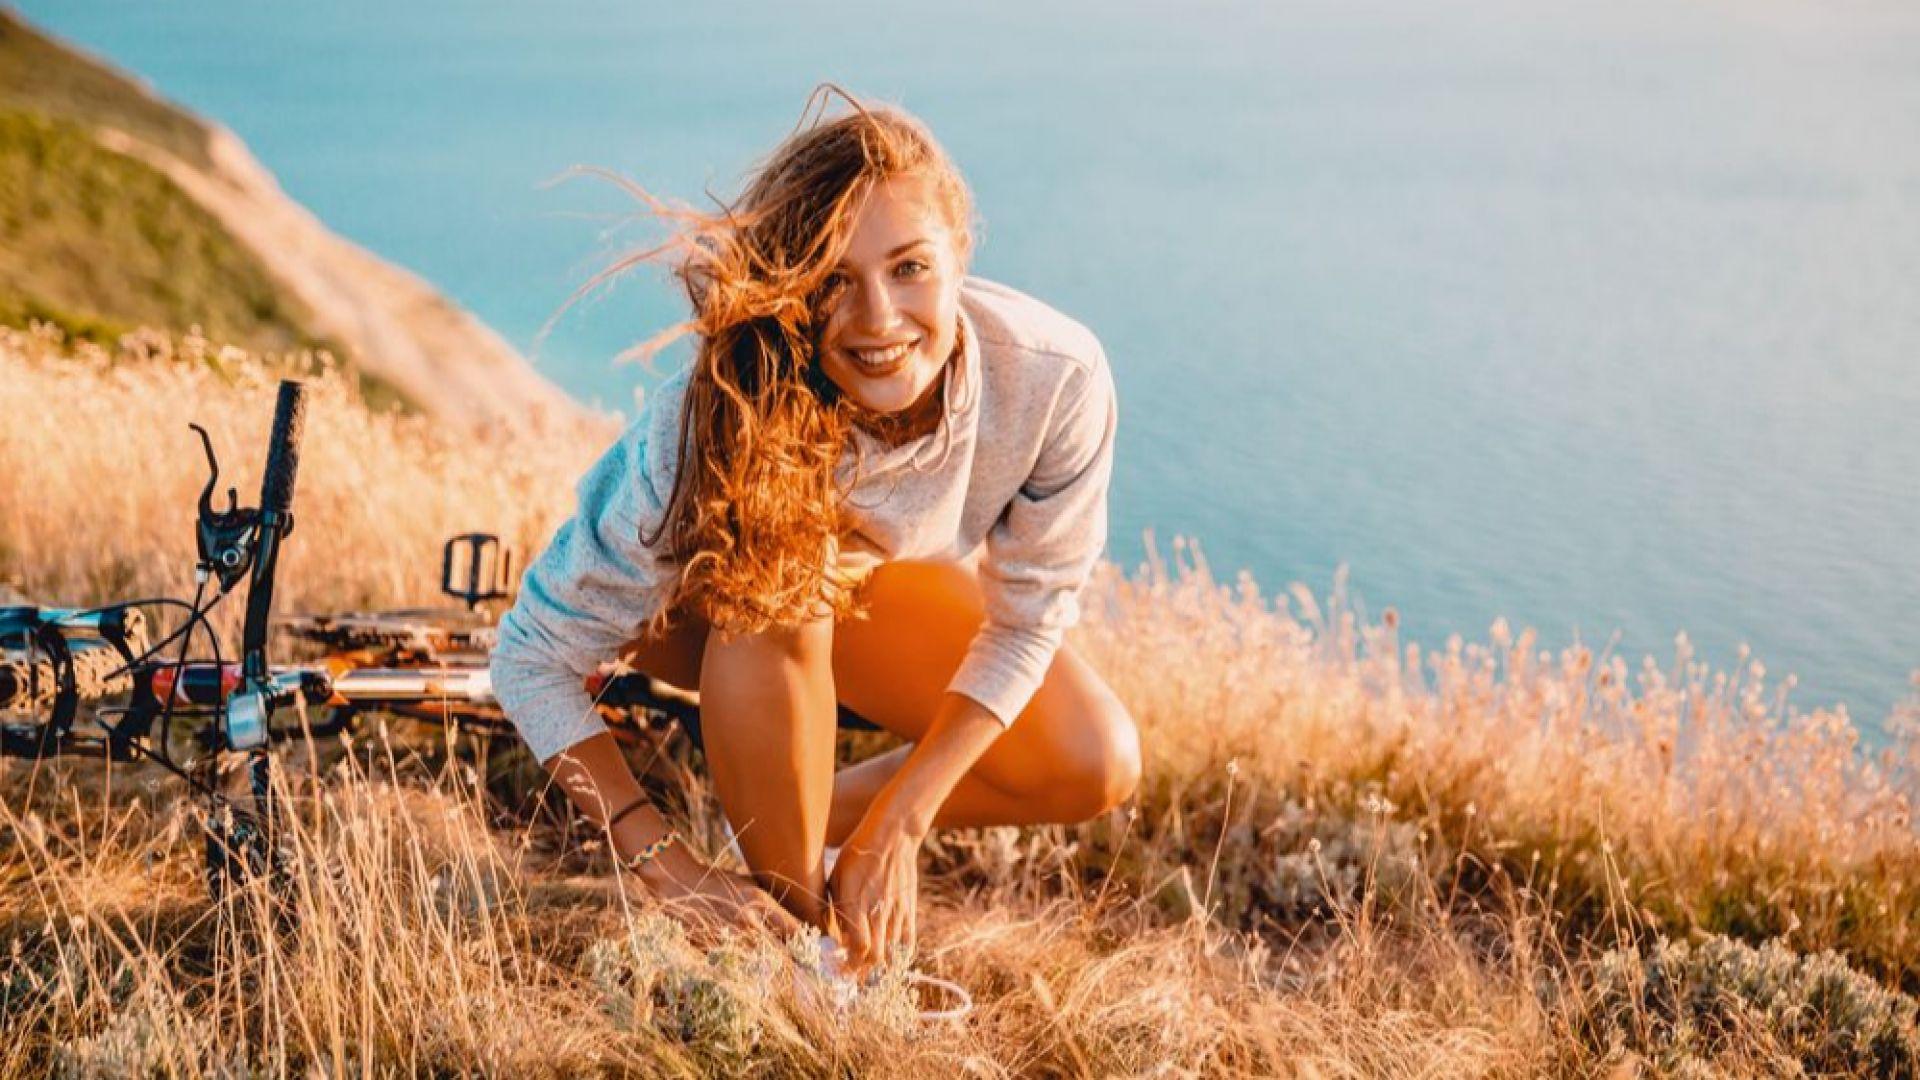 Как да станем по-здрави, като променим режима си за 16 седмици